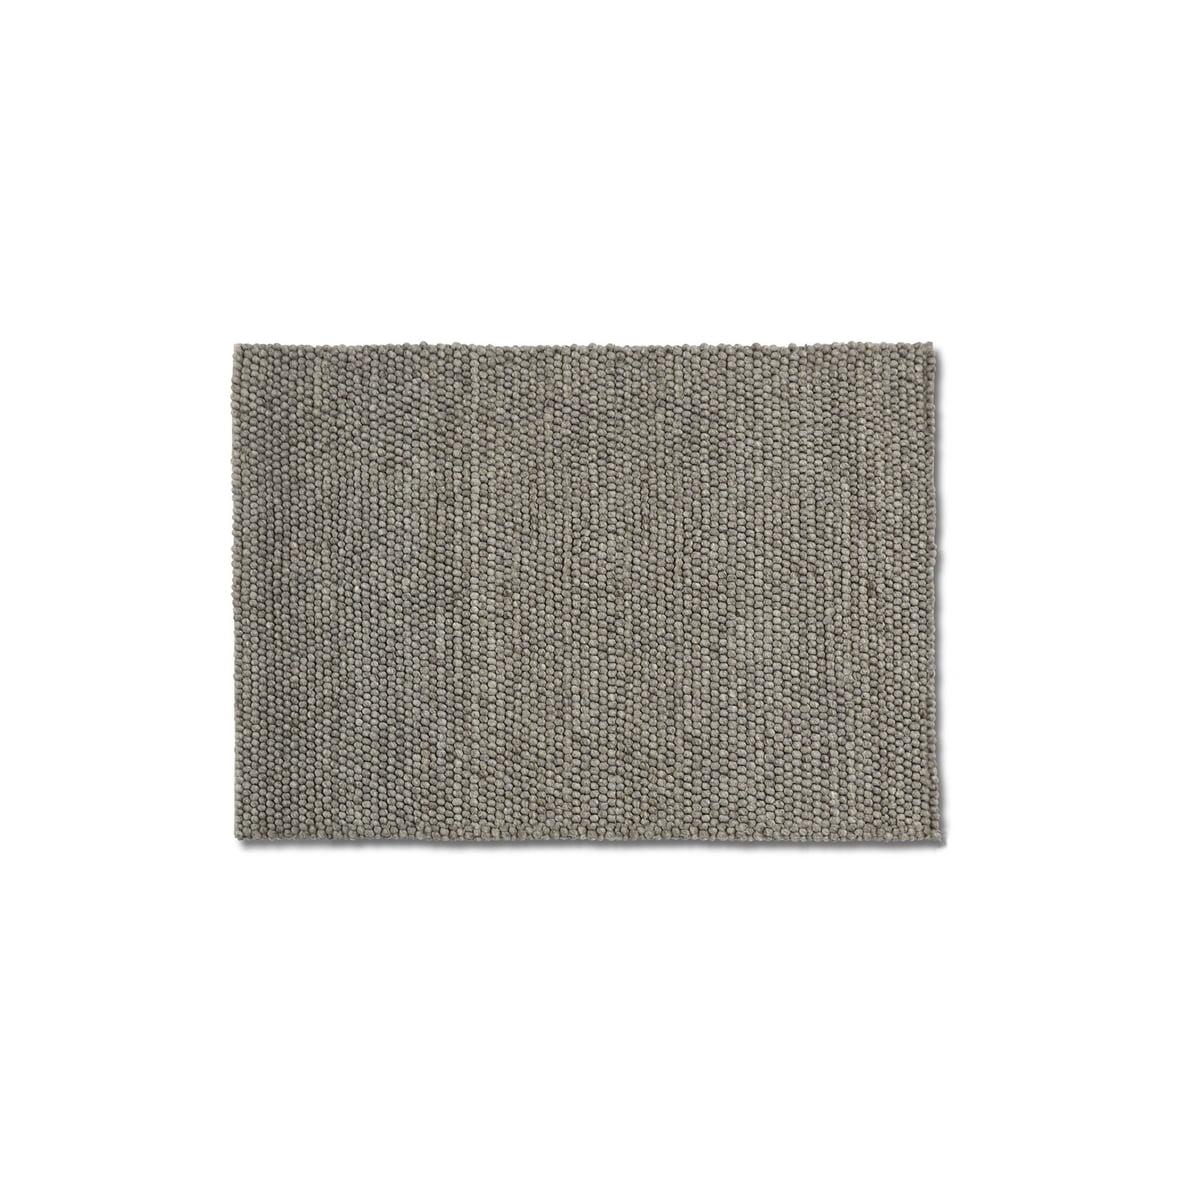 Hay - Peas Teppich 80 x 140 cm, medium grey | Heimtextilien > Teppiche | Grau | Hay